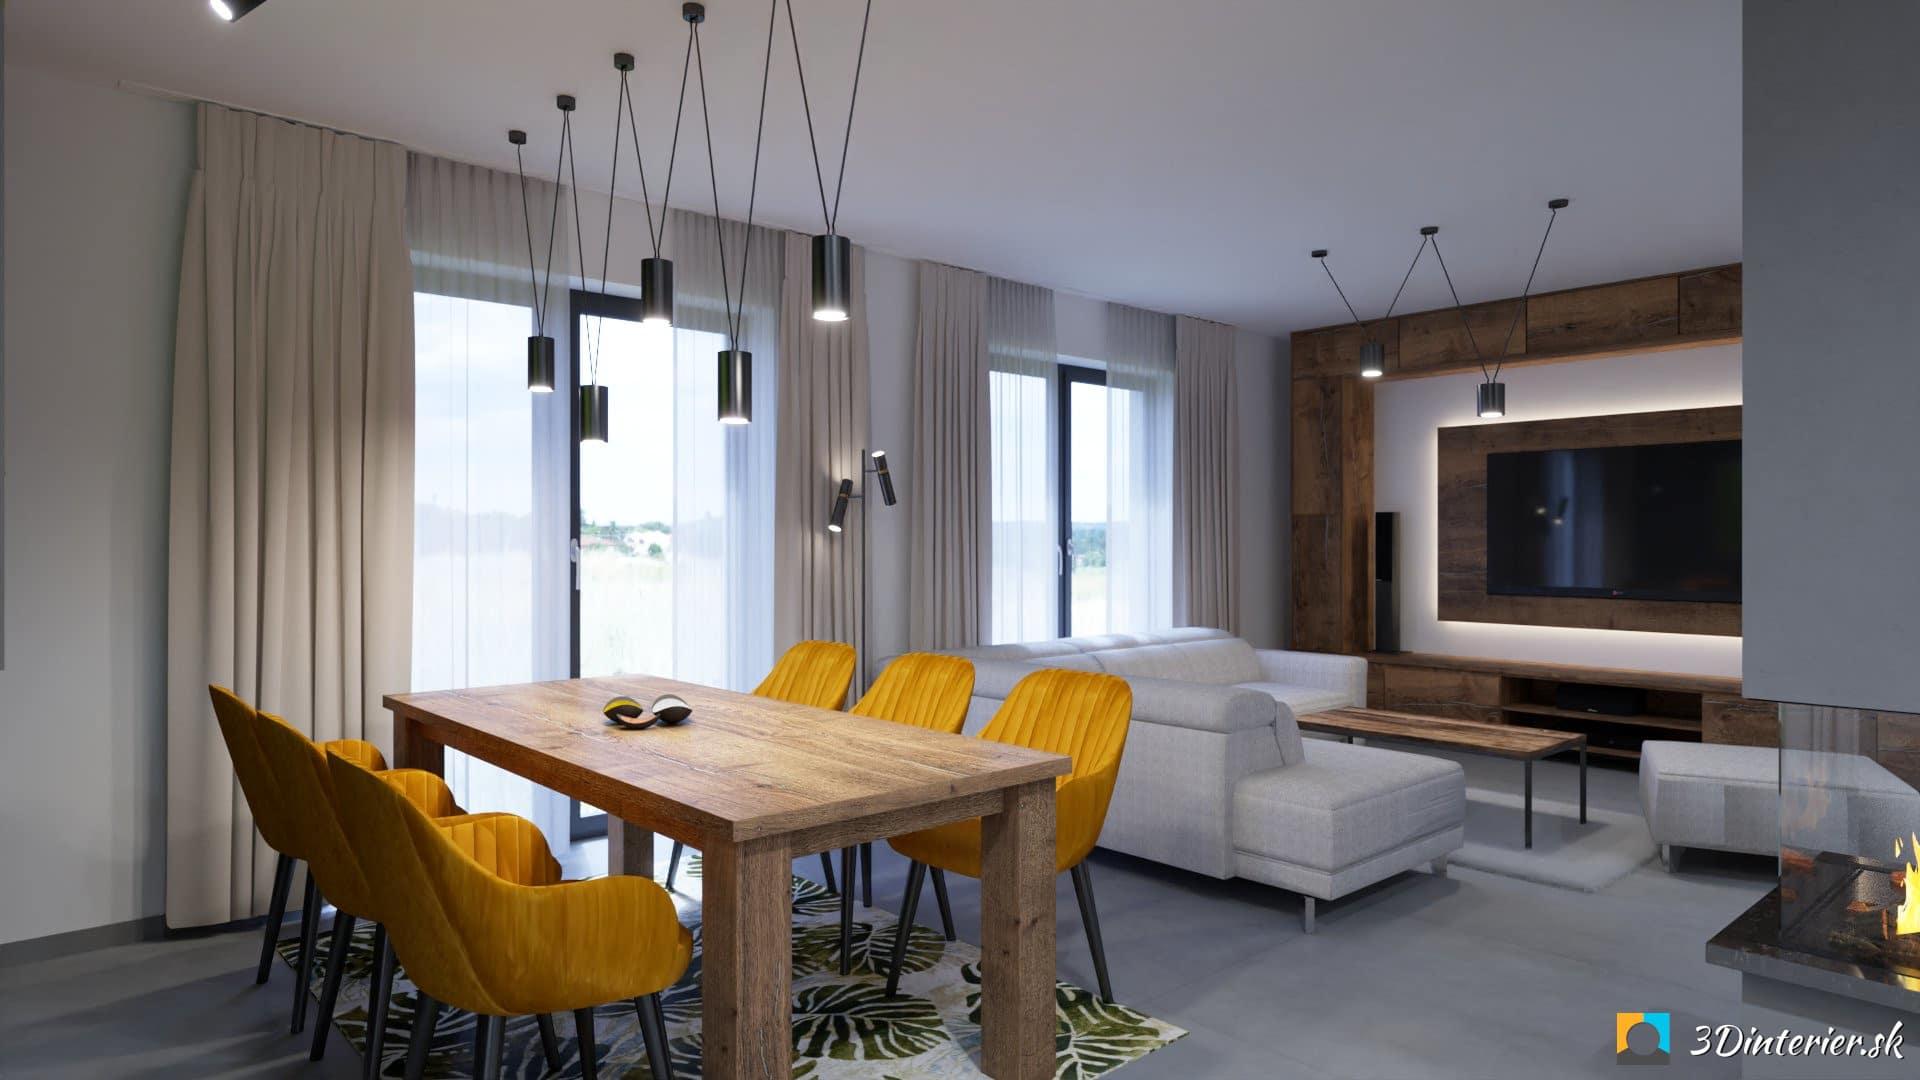 moderný interiér a industriálny štýl